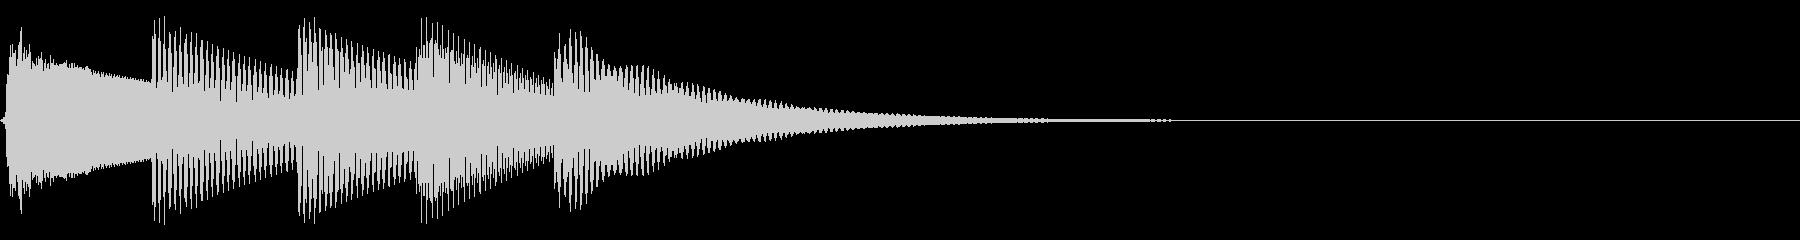 シンプルな着信音 通信音の未再生の波形